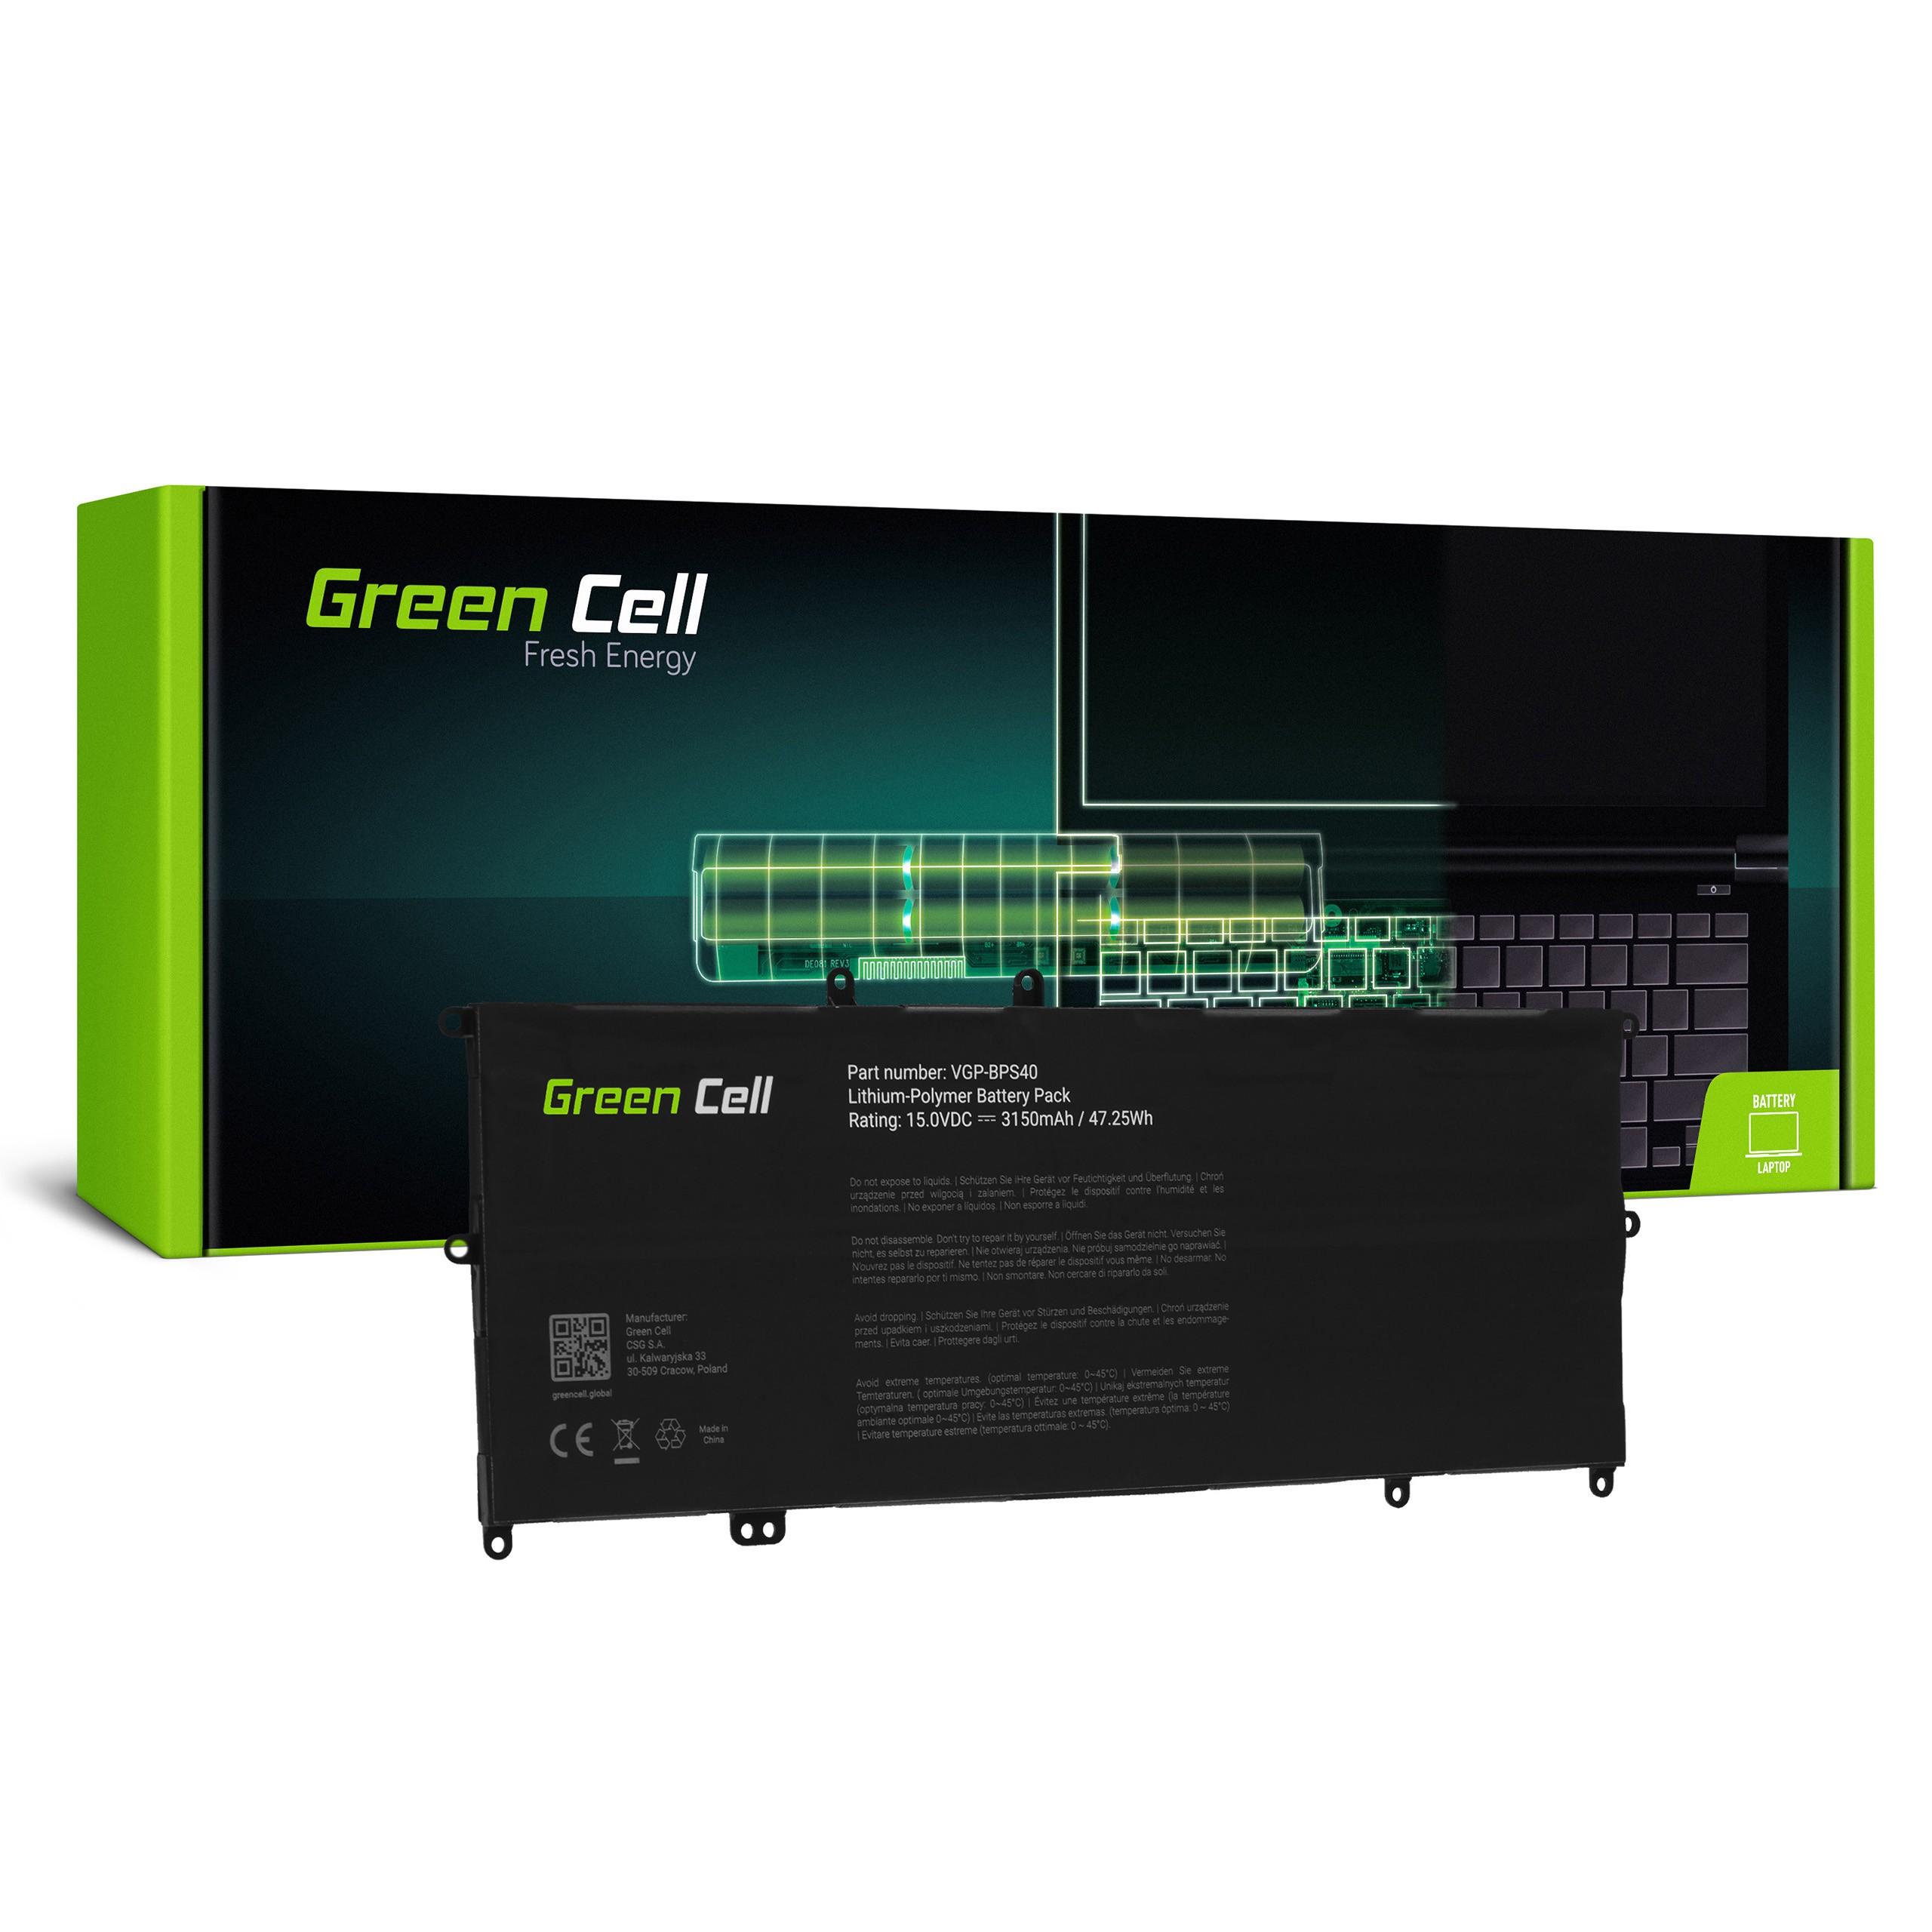 Batteri VGP-BPS40 för Sony Vaio Fit Multi-Flip 14A SVF14N SVF14N2J2ES 15A SVF15N SVF15N190X SVF15N2S2ES SVF15N2Z2EB